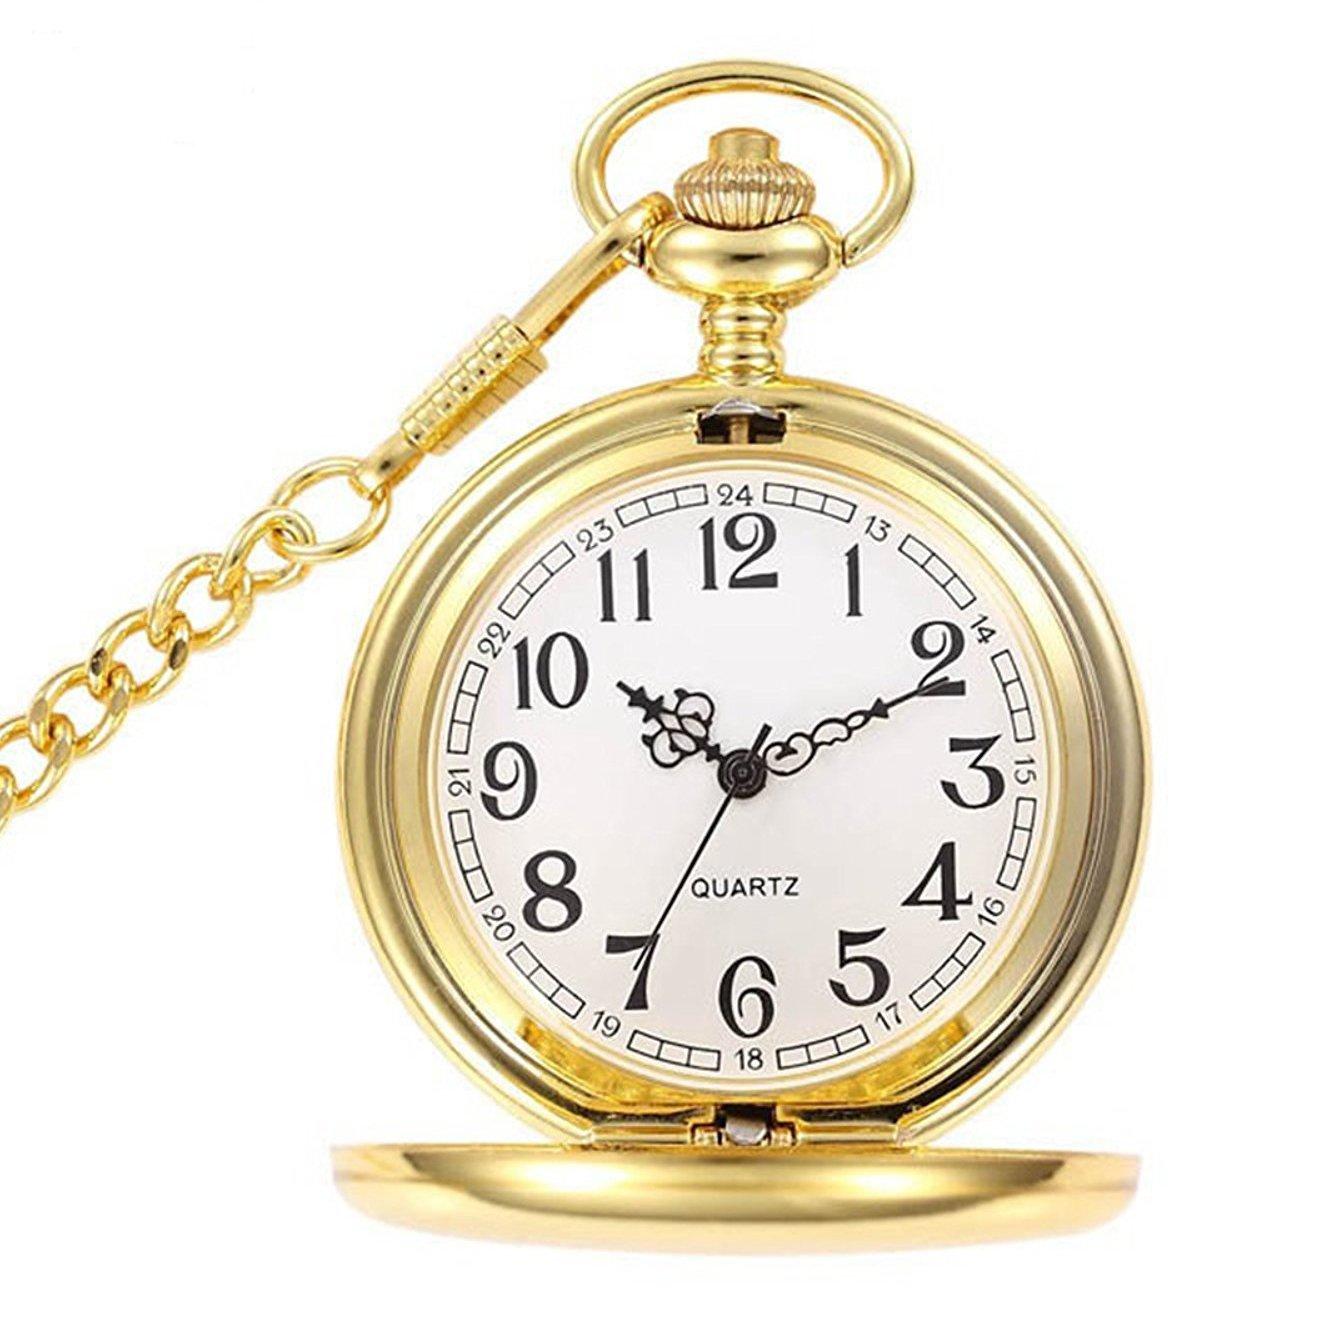 Personalizado grabado reloj de de reloj bolsillo collar con cadena  libre grabado c3ea31